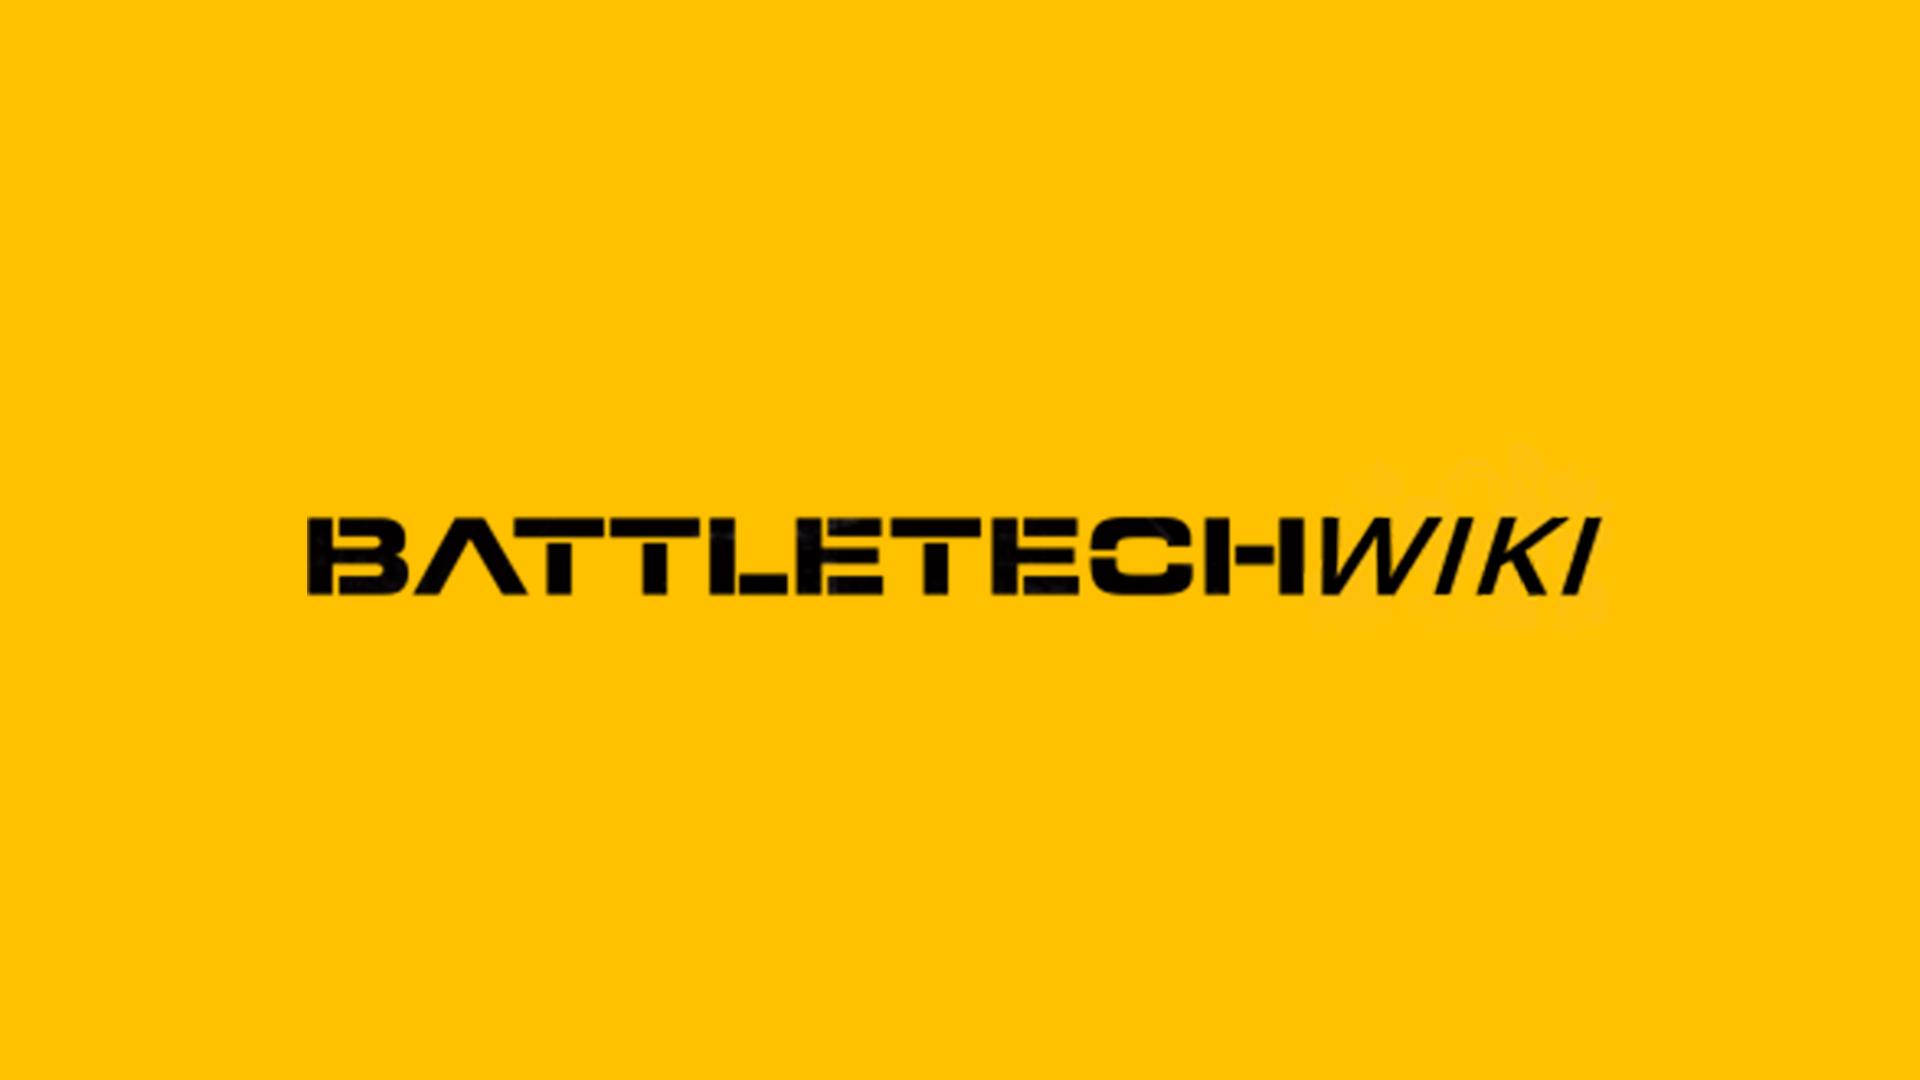 Battletech-Wiki-logo